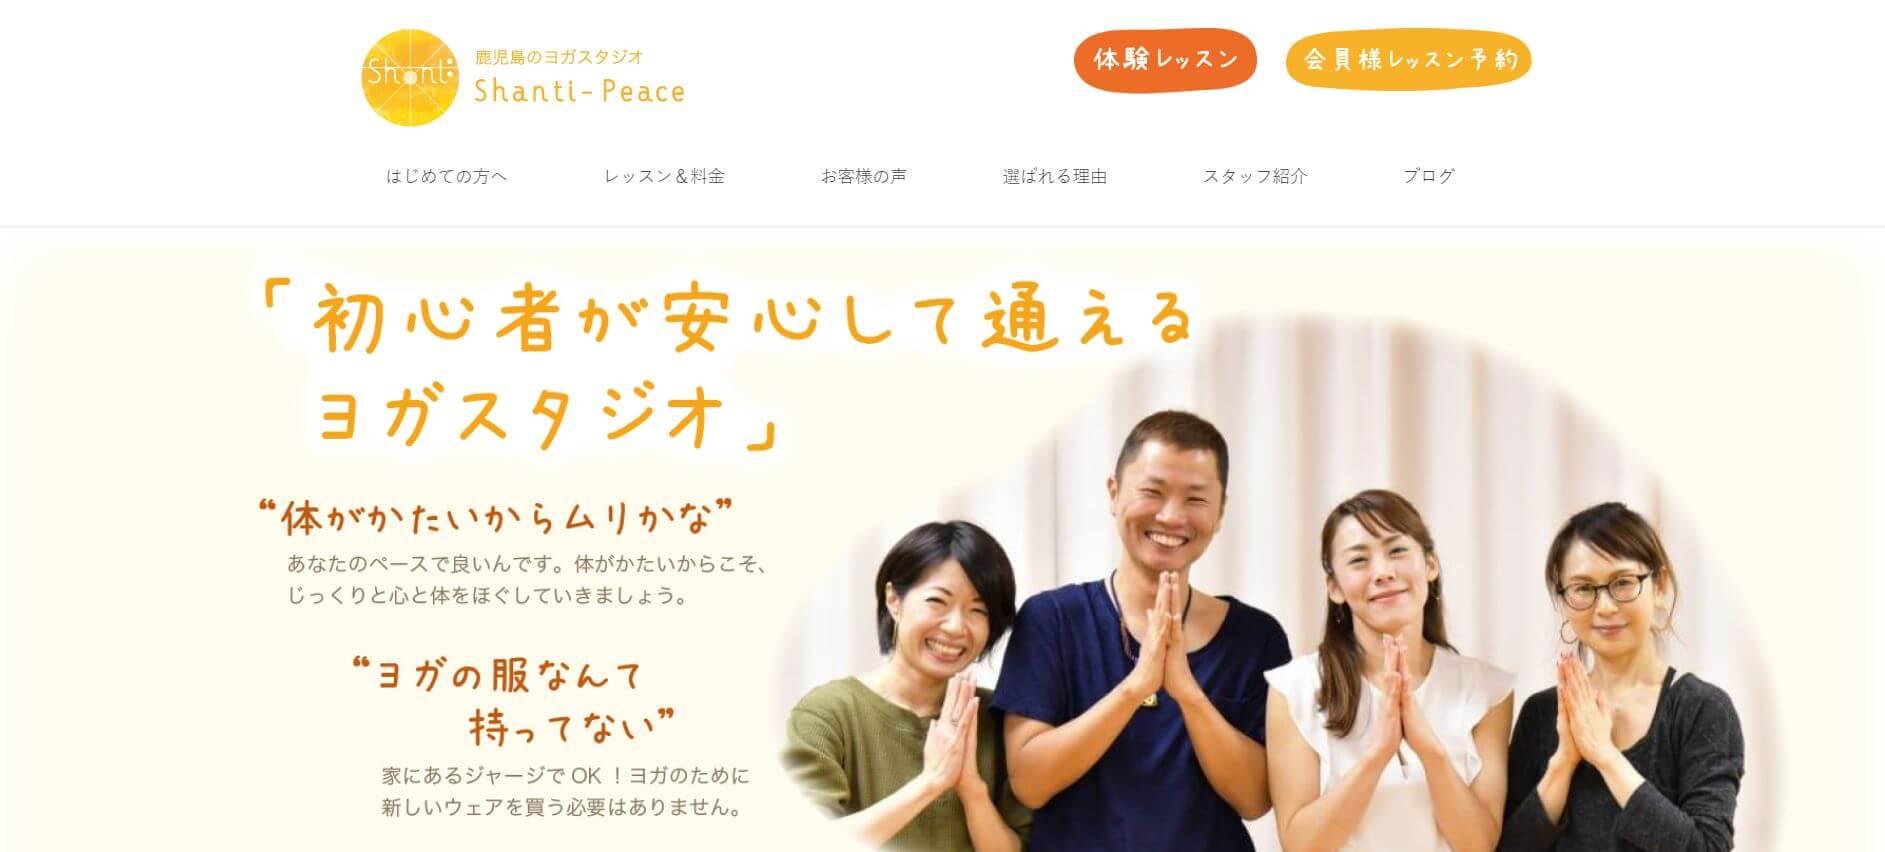 ヨガスタジオ Shanti-Peace(シャンティピース)